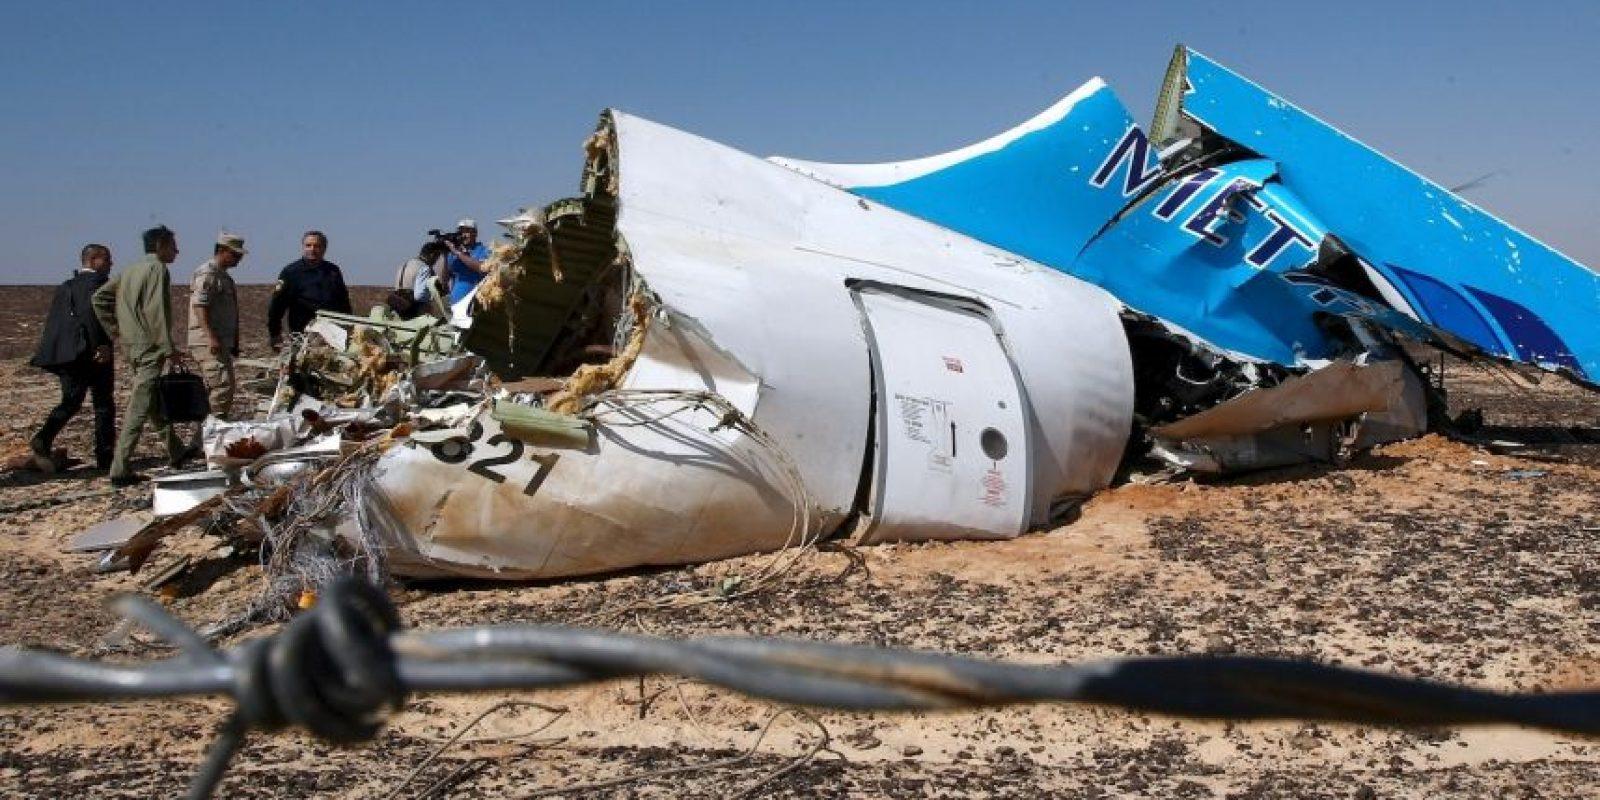 El atentado ocurrió el 31 de octubre. Foto:AFP